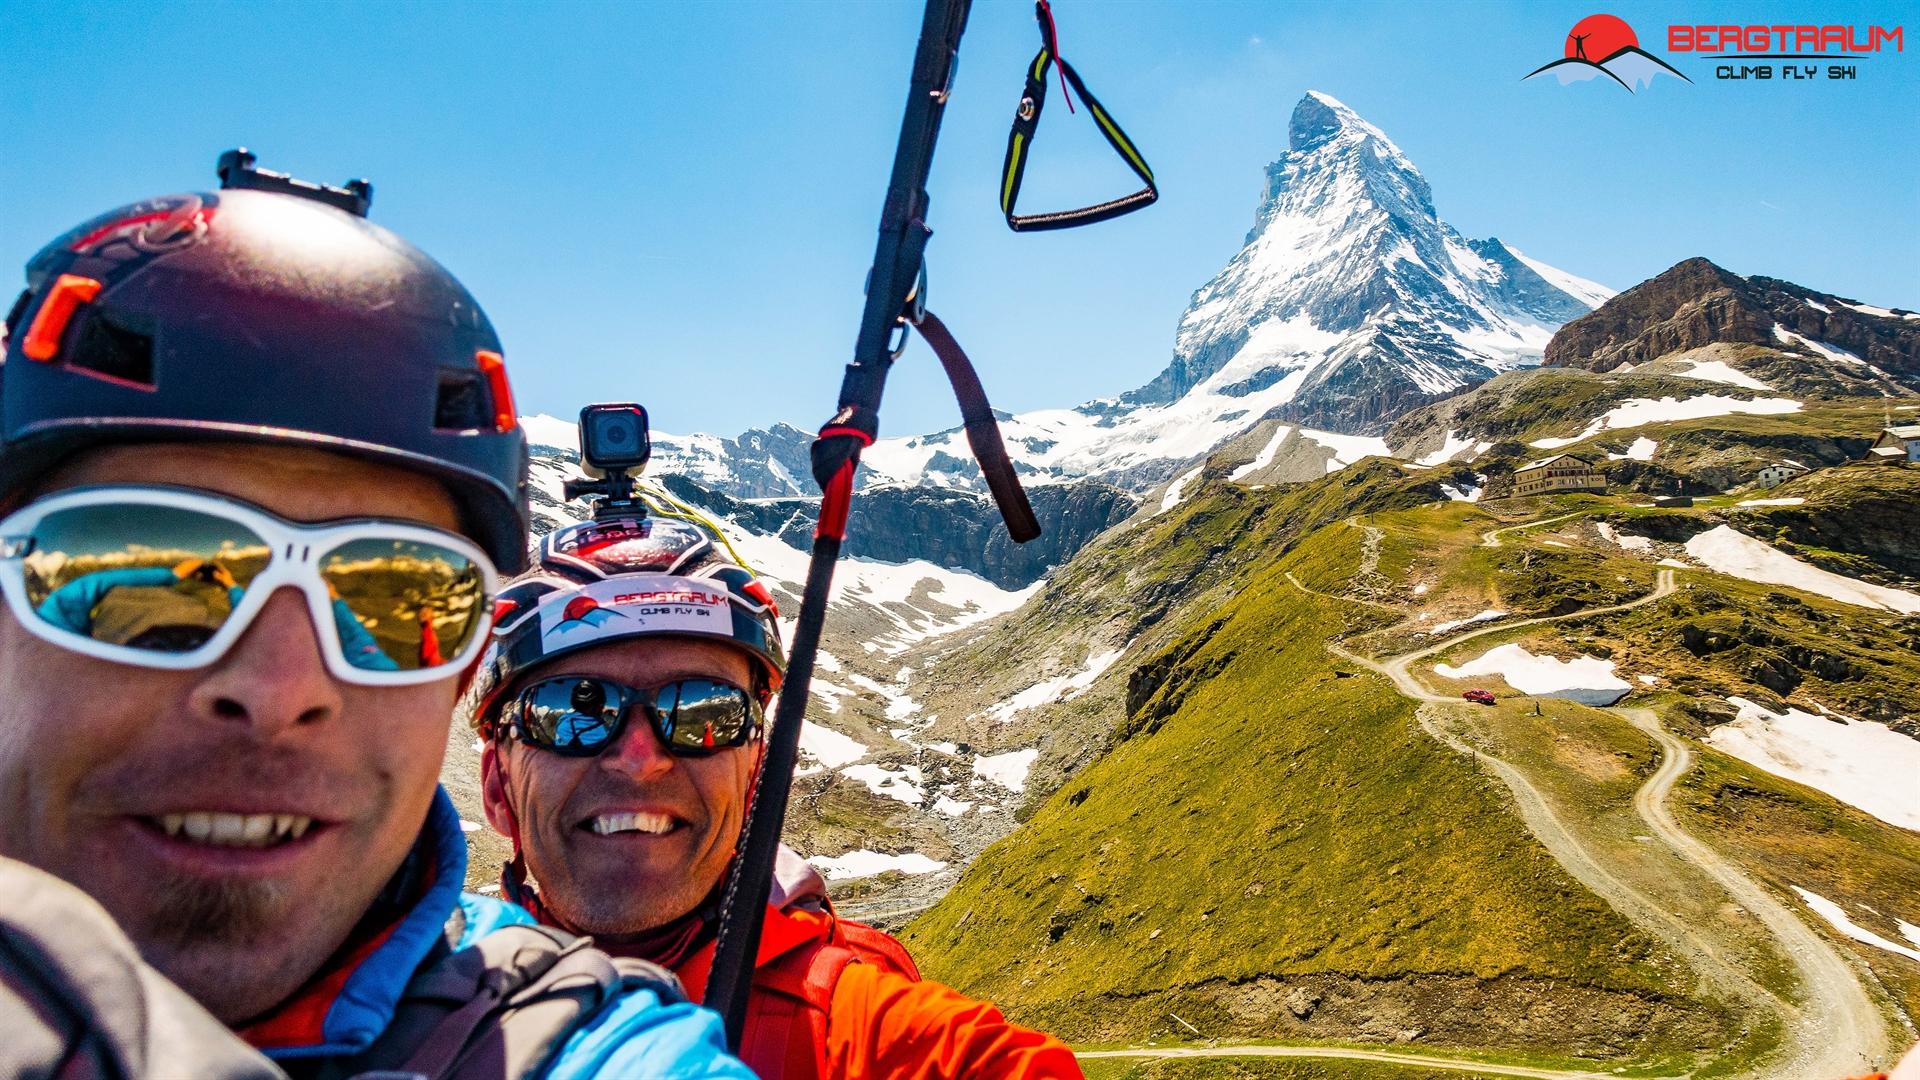 DA_1906_Michael_MatterhornNordwand (105 von 115)